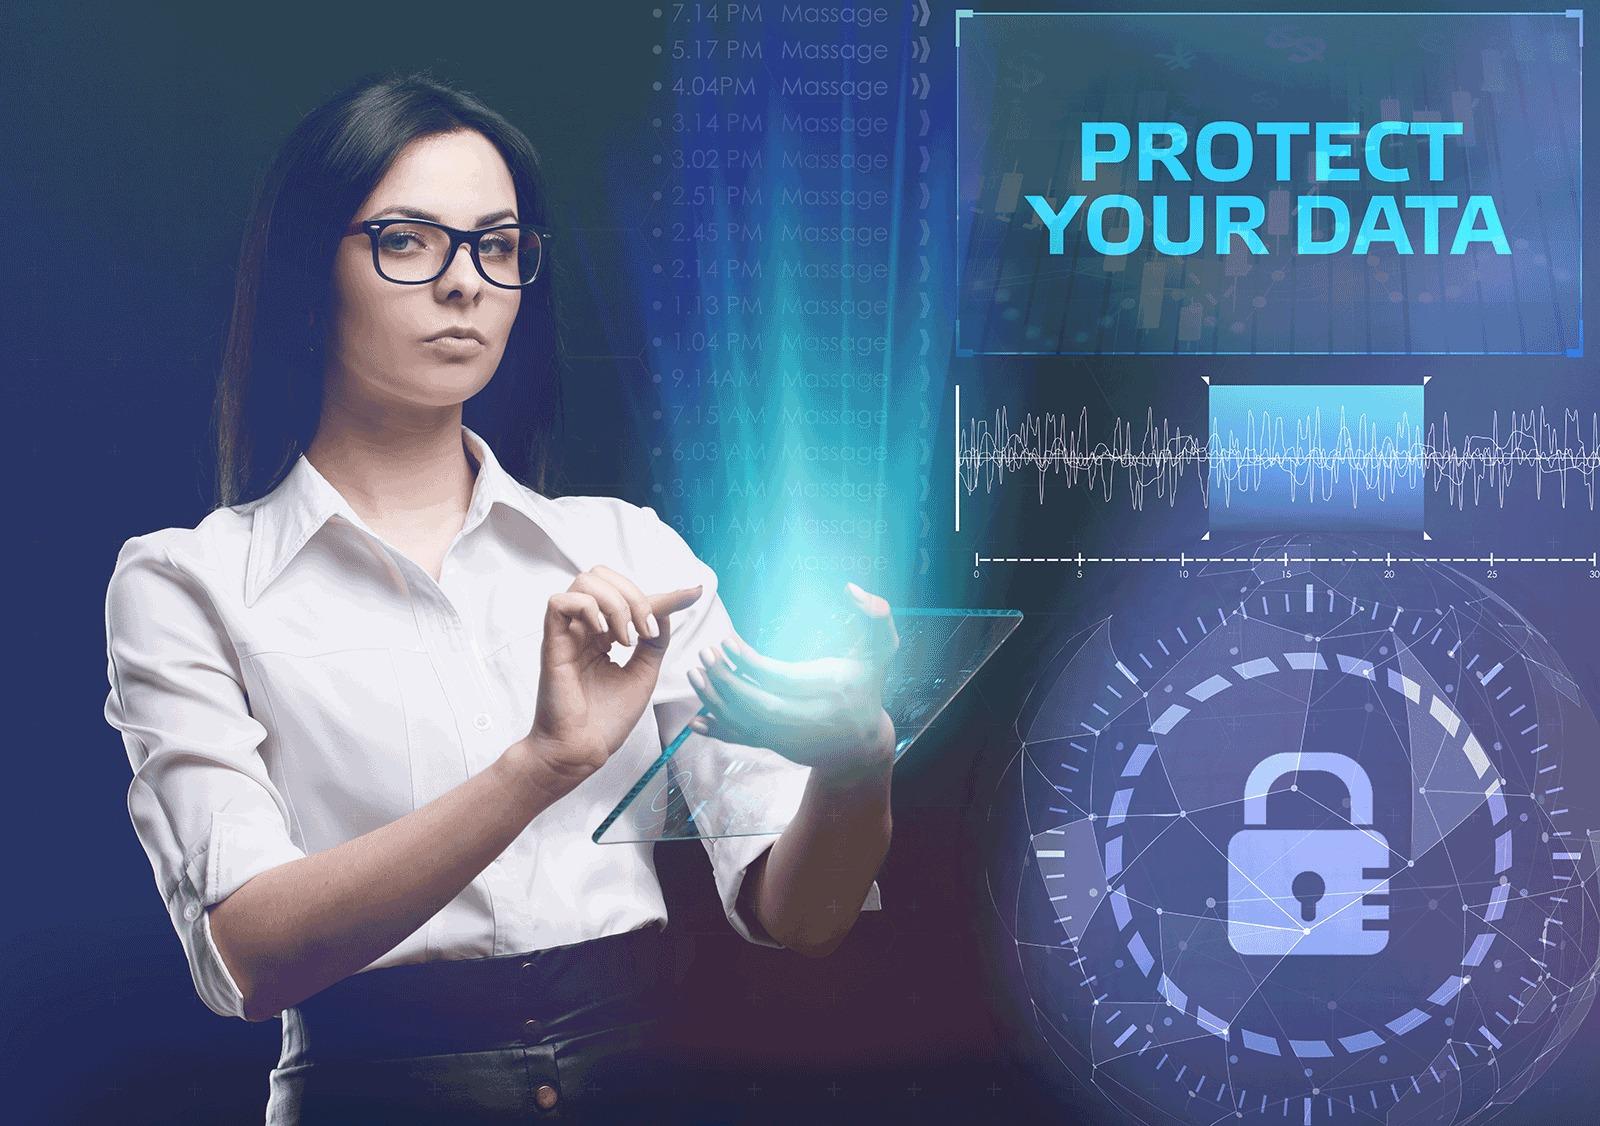 smeup proteggere dati aziendali